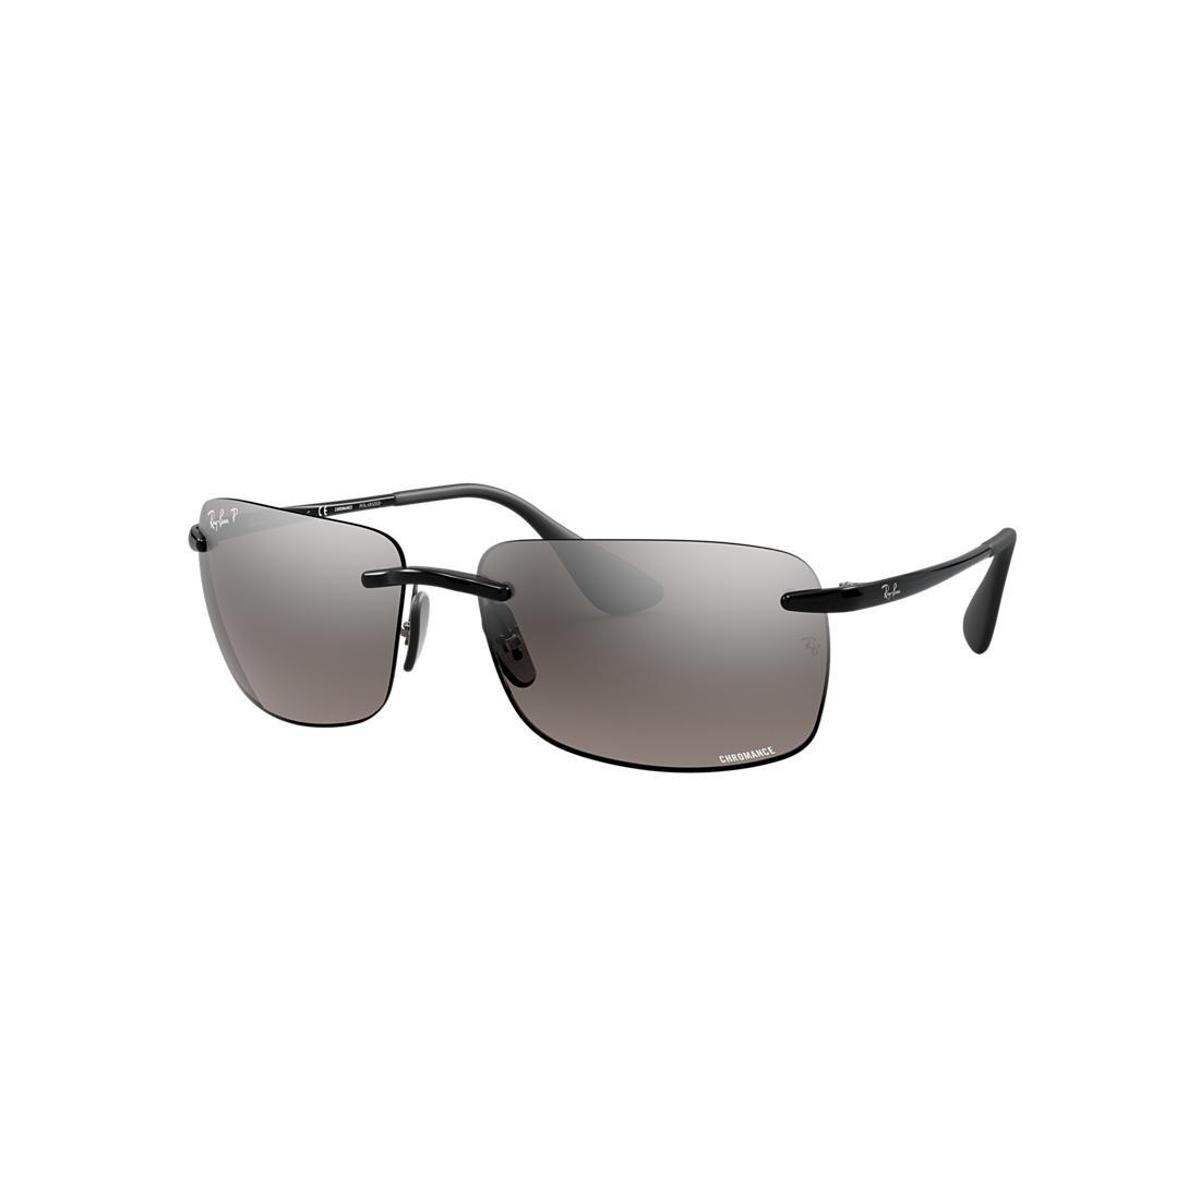 Óculos de Sol Ray-Ban RB4255 Coleção Chromance - Compre Agora   Zattini 414e474b4e